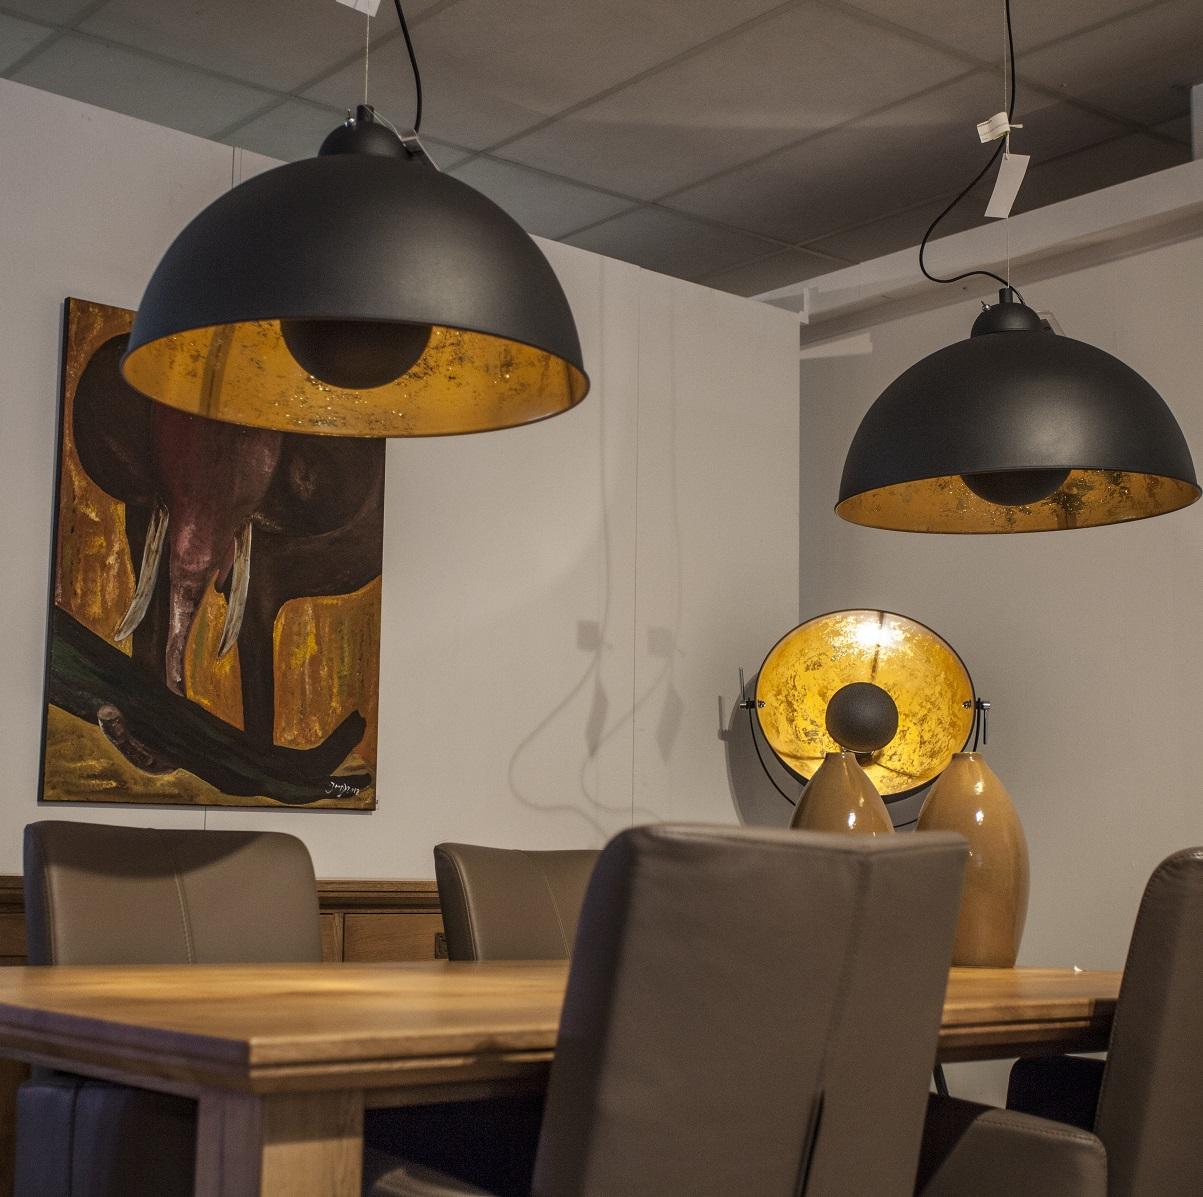 lampenhelden vandeheg stehleuchte golden sun schwarz gold 54 cm max 60watt online kaufen. Black Bedroom Furniture Sets. Home Design Ideas